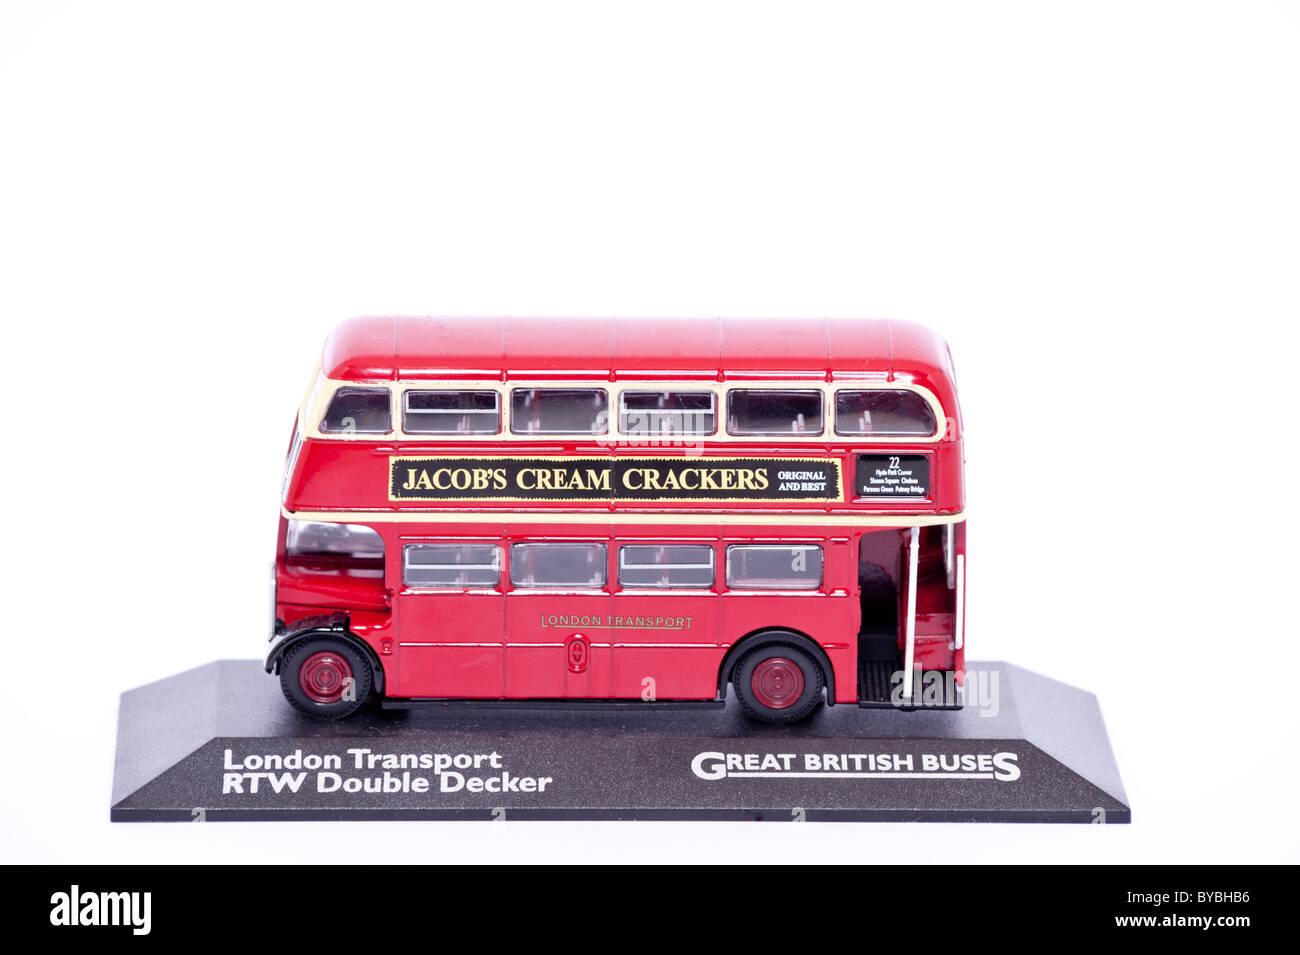 Un jouet modèle de double decker bus sur un fond blanc Photo Stock